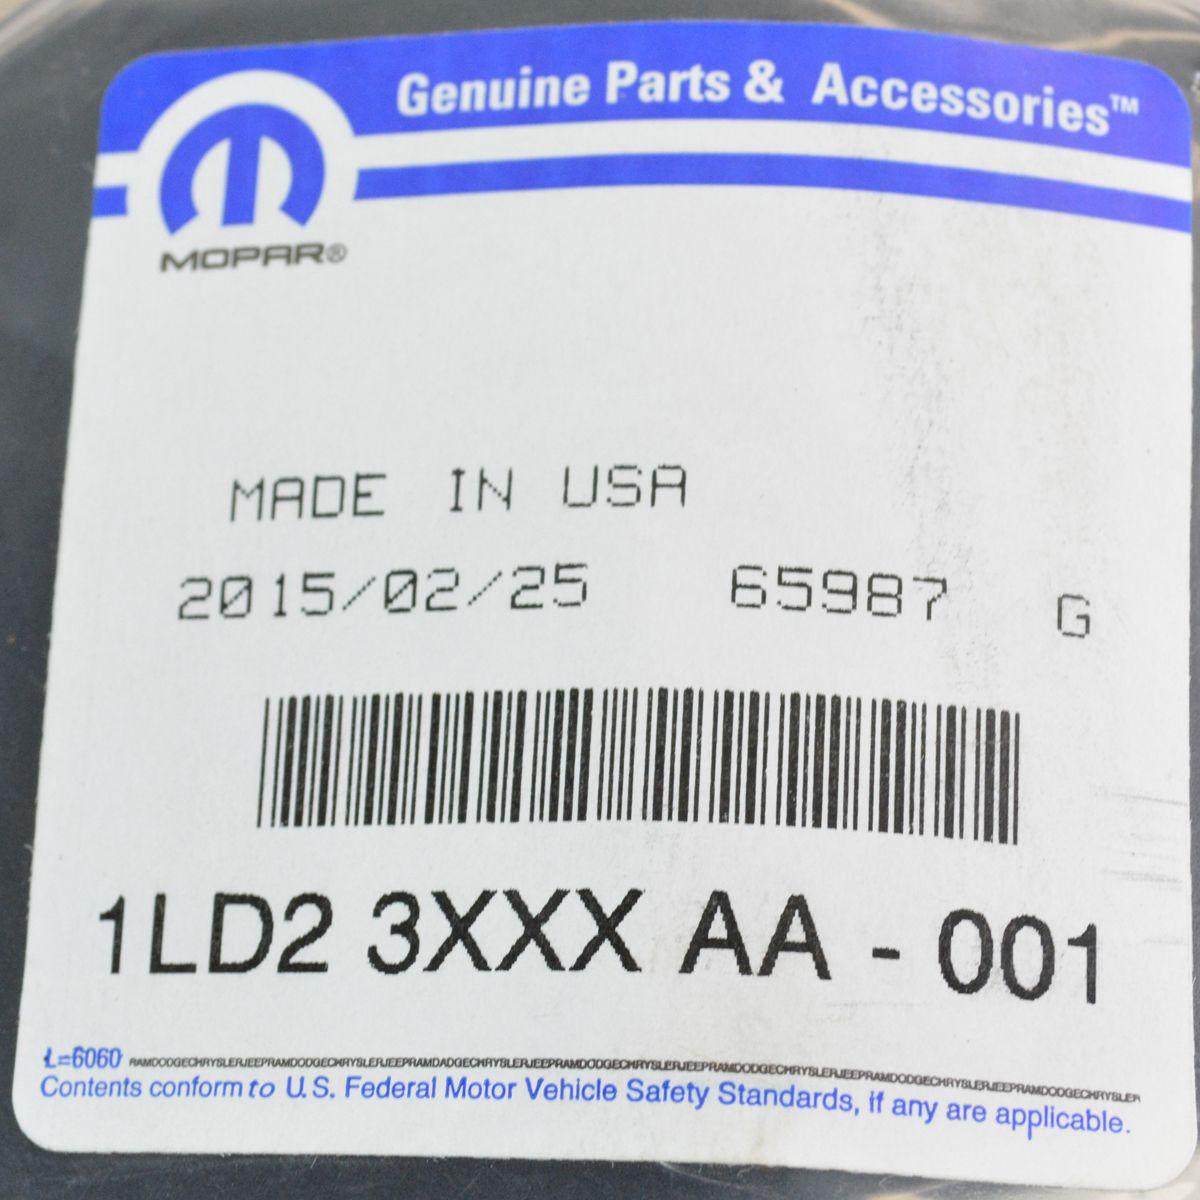 Mopar 1LD23XXXAA Door Foam Cup Holder Insert Left Driver For Ram 1500 2500 3500